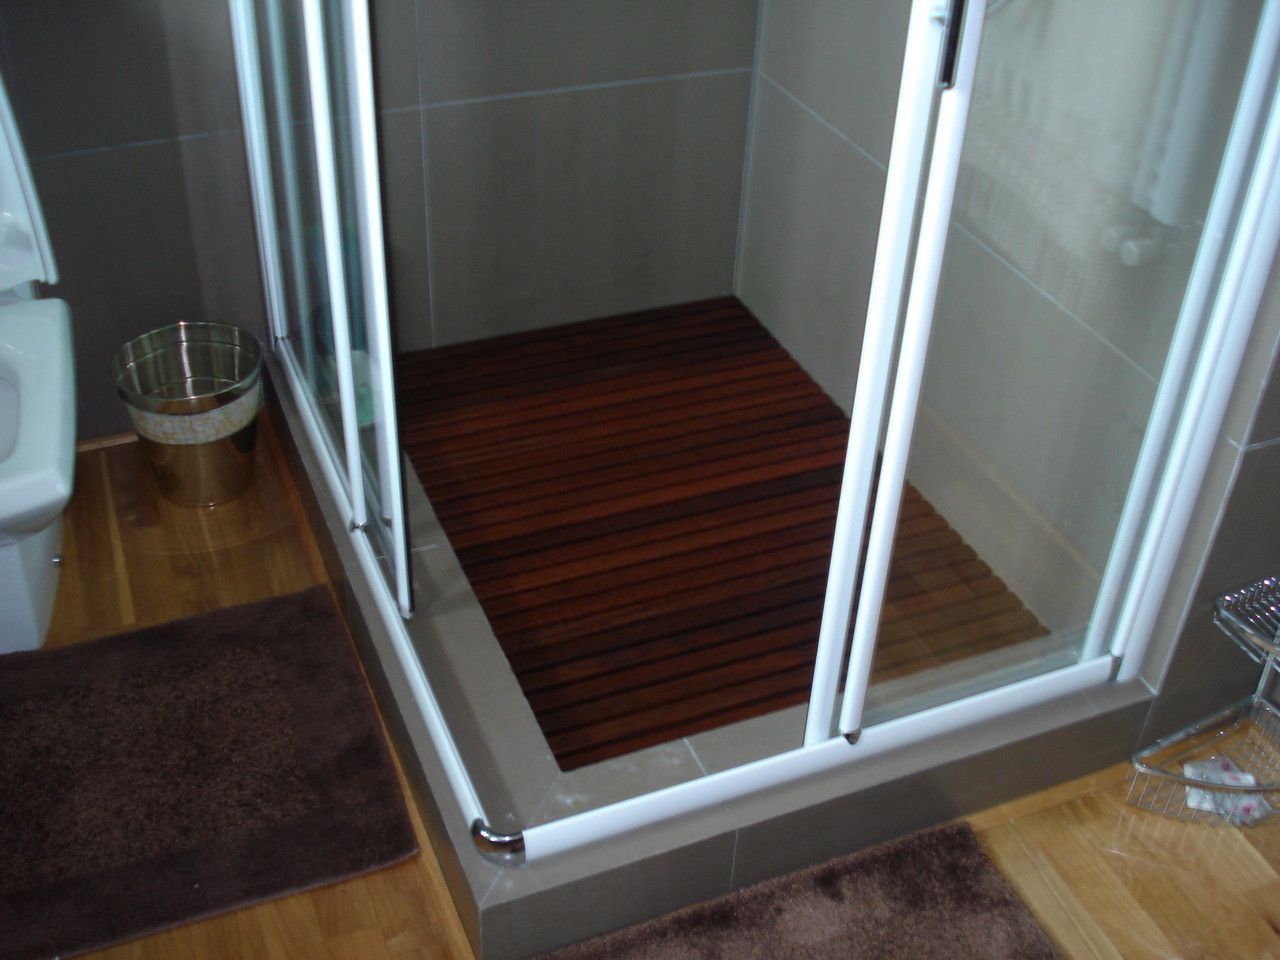 Deck De Madeira Chuveiro Box Banheiro Capacho 79x79 cm Verniz